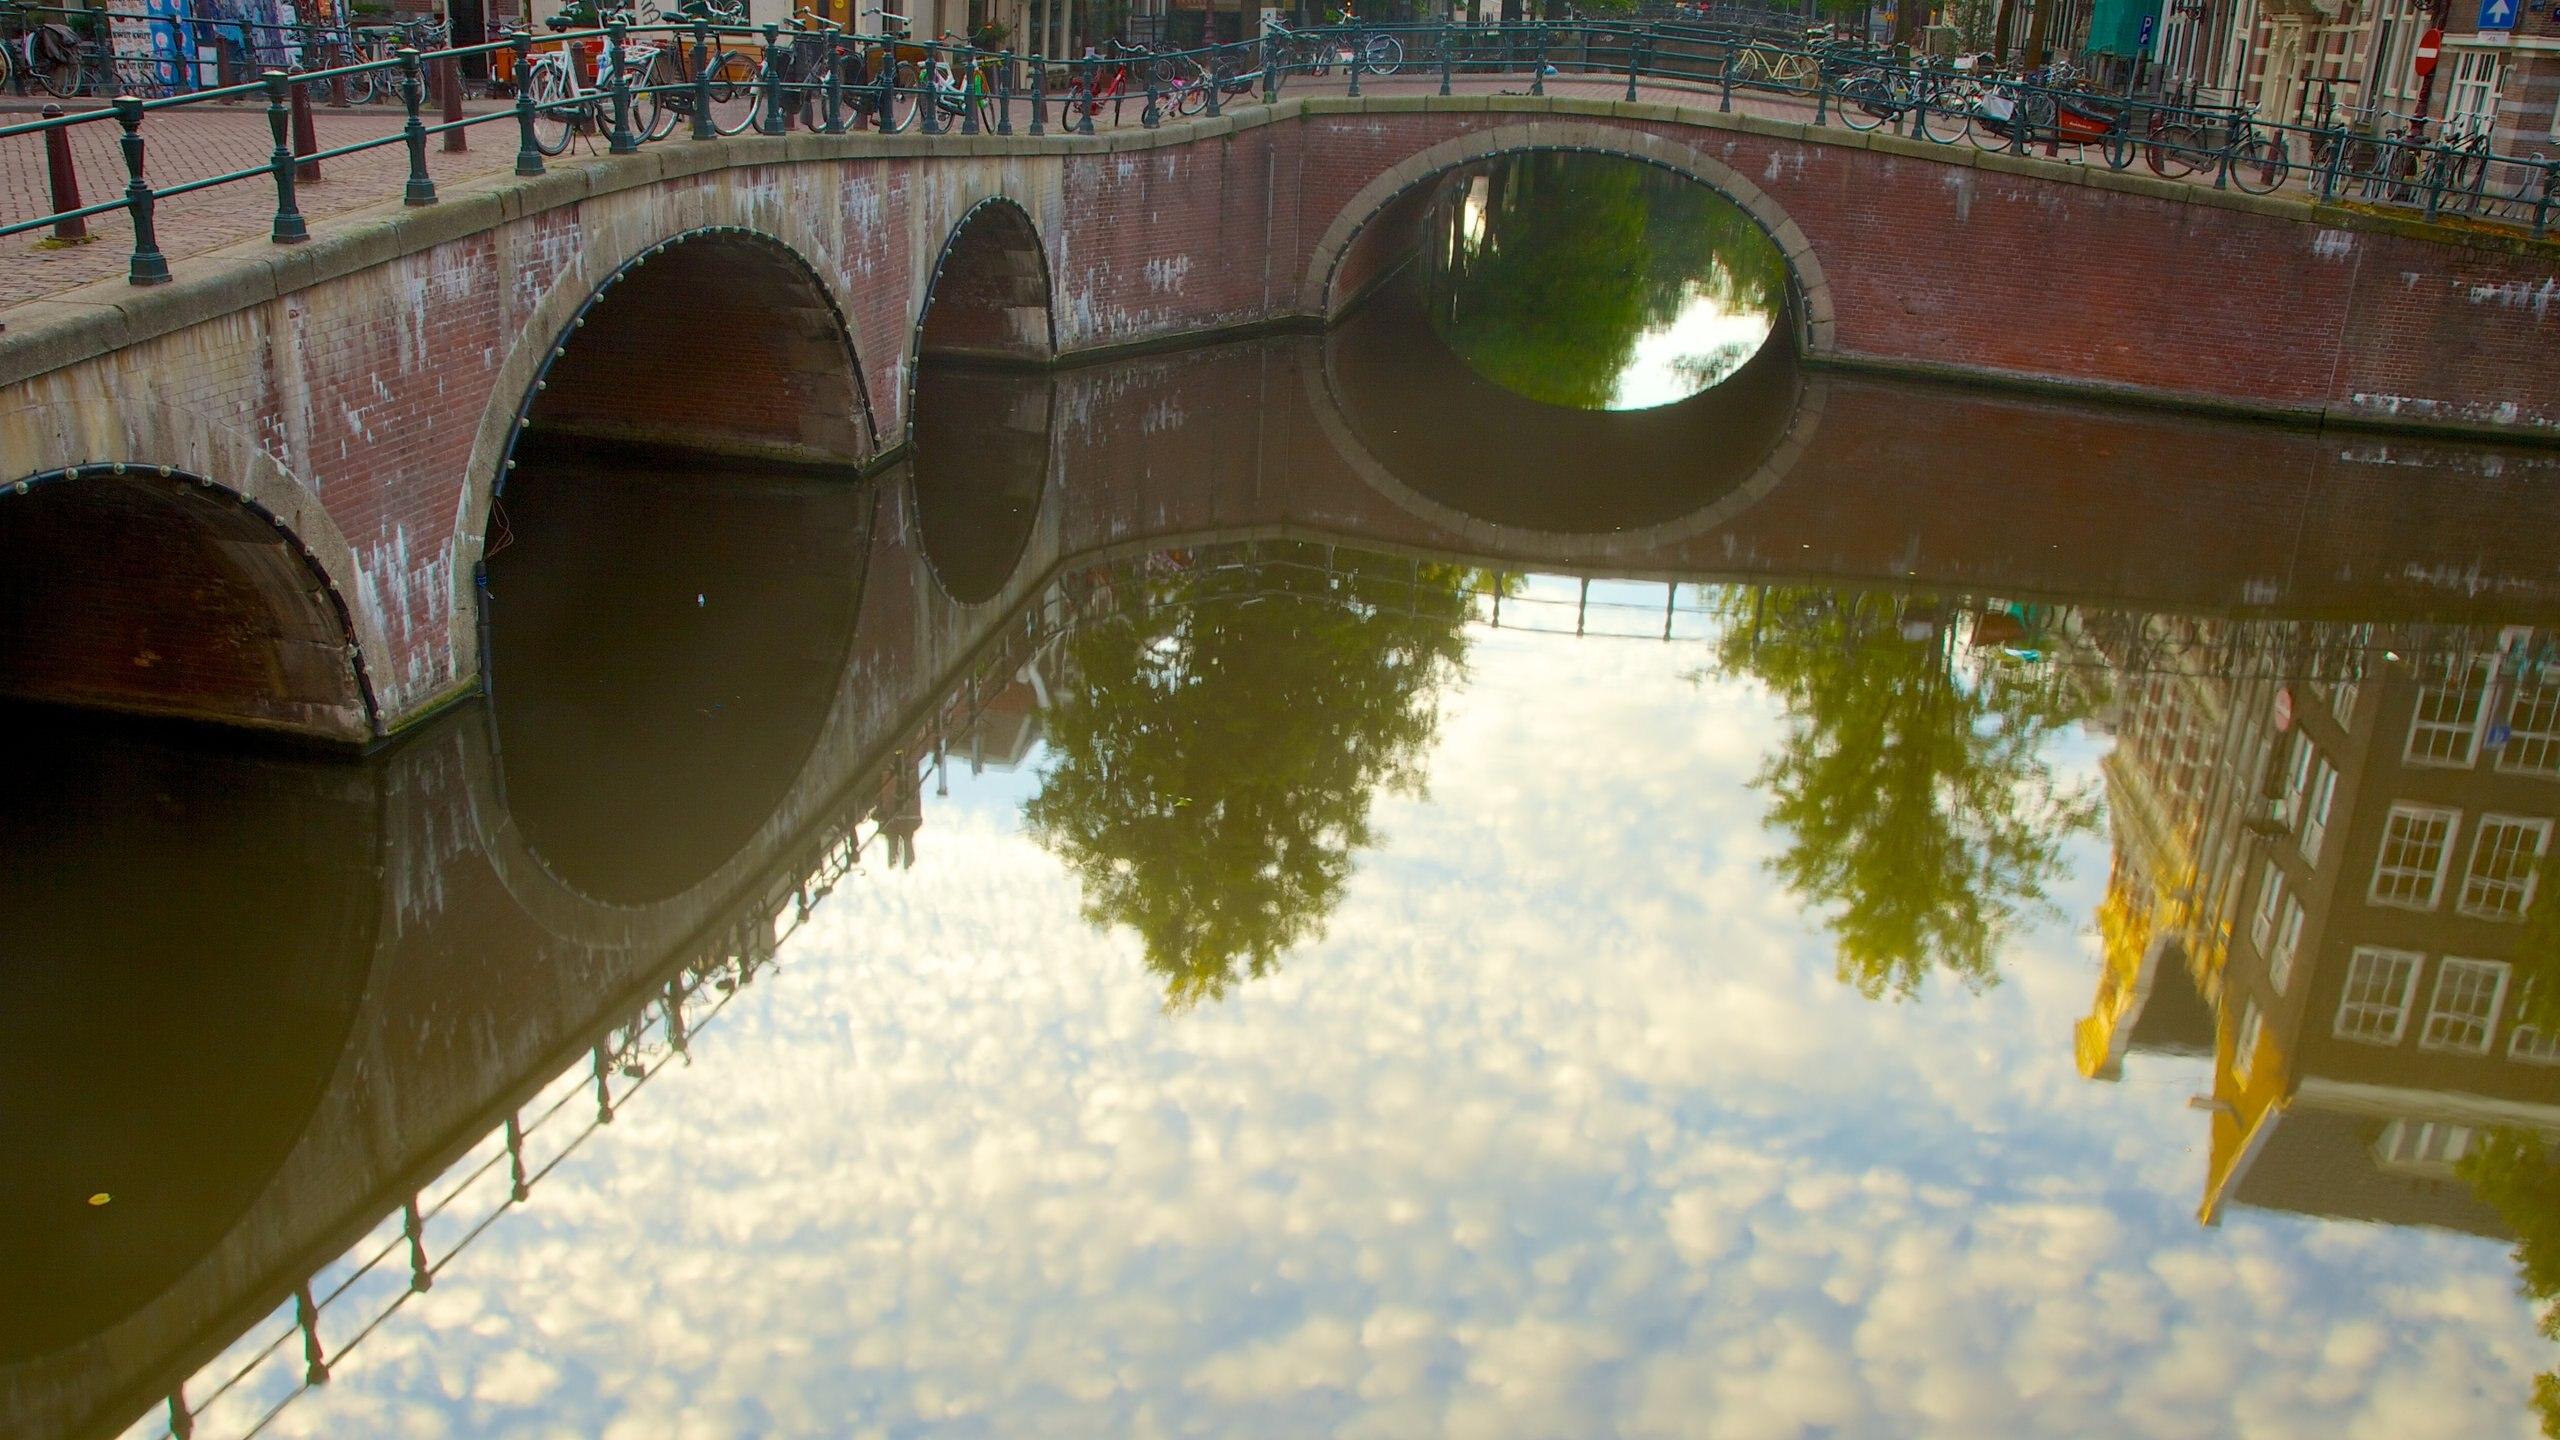 Grachtengordel-Zuid, Amsterdam, North Holland, Netherlands